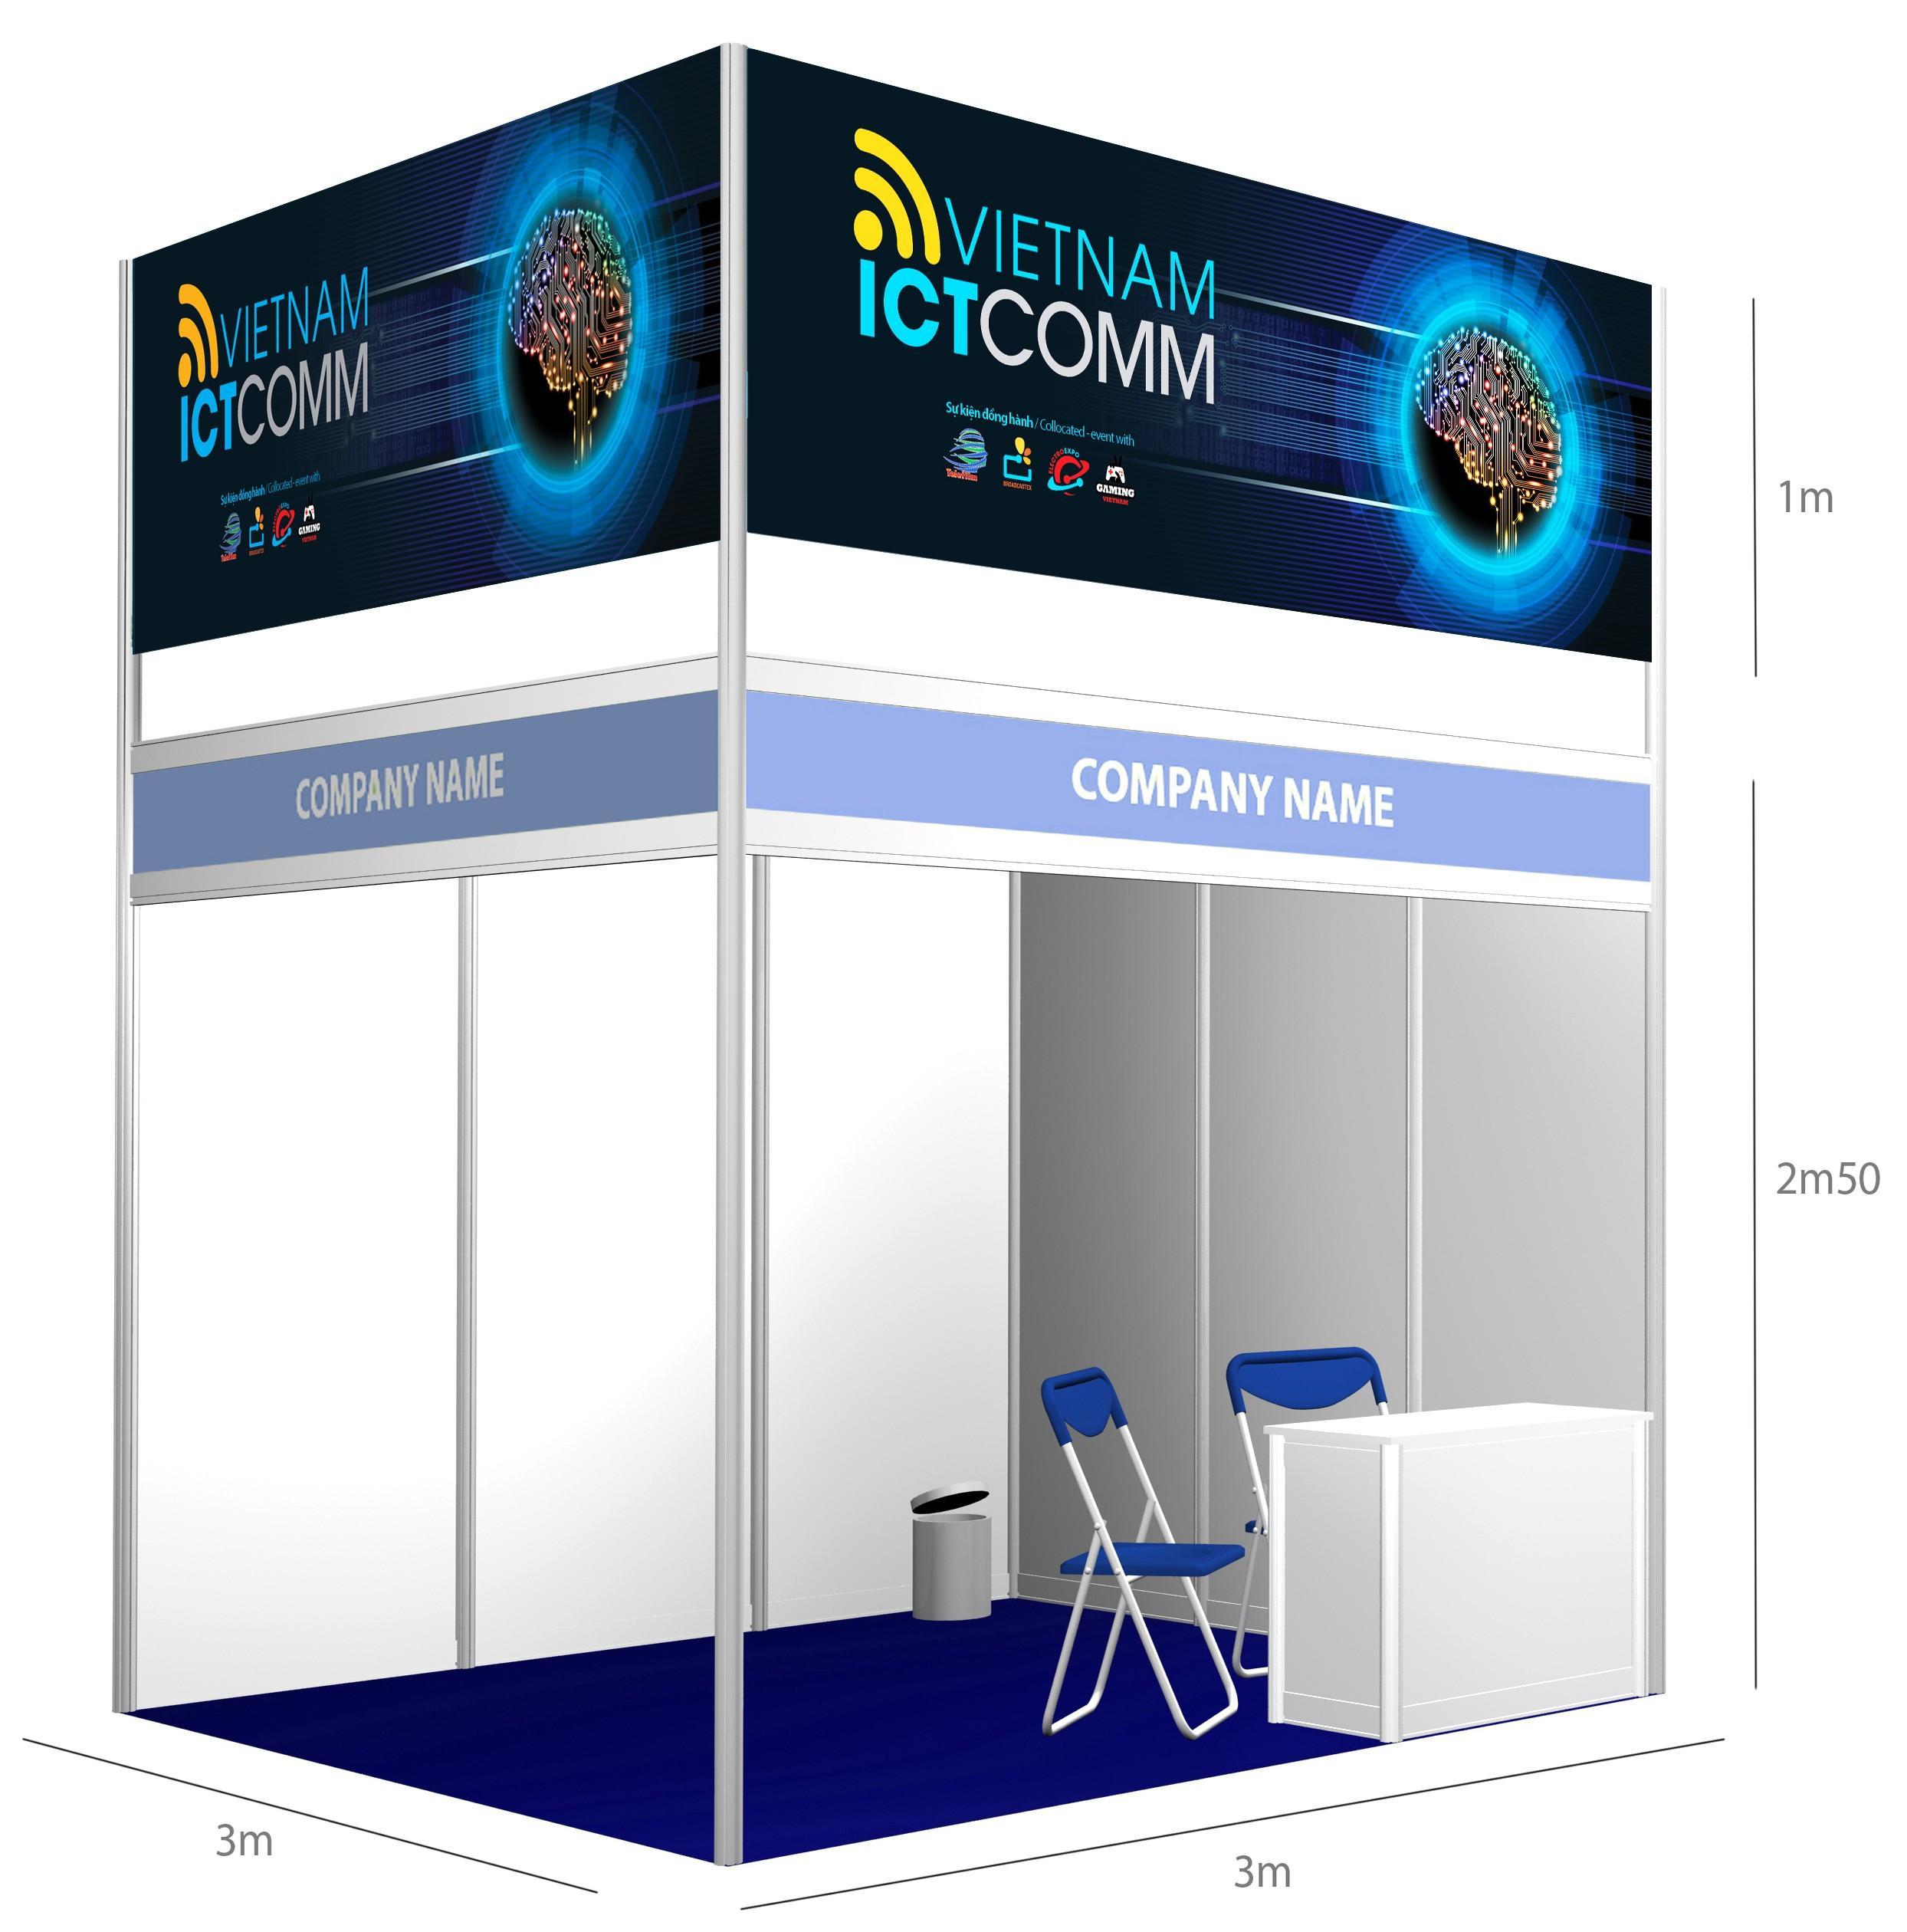 2020년 베트남 정보 통신 박람회(ICTCOMM) 조립부스 예시